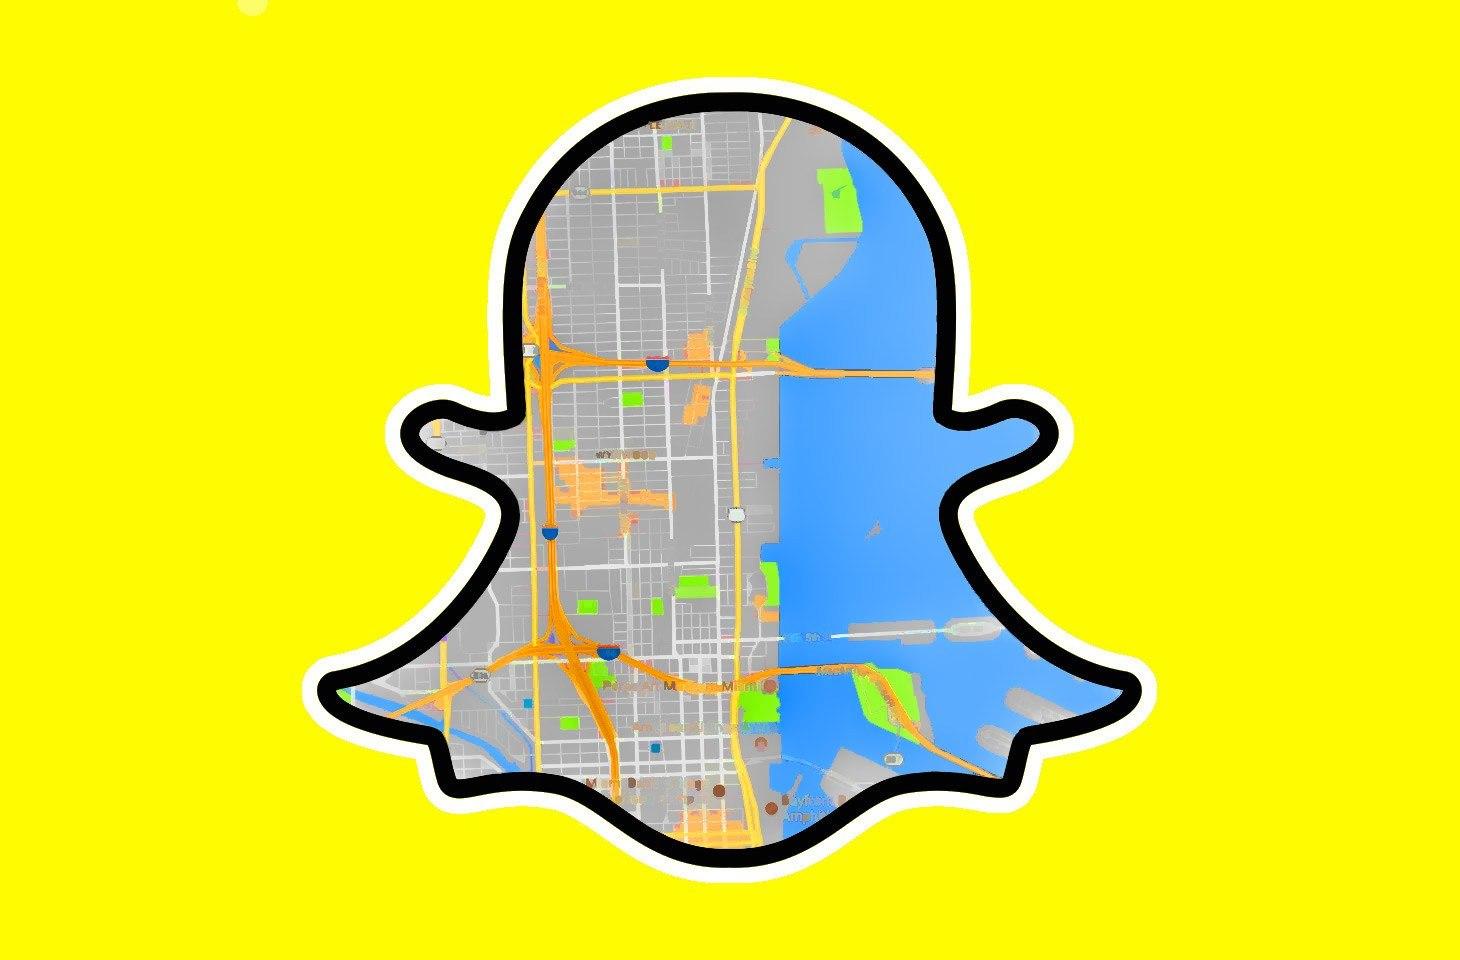 Проблемы безопасности функции Snap Map в Snapchat